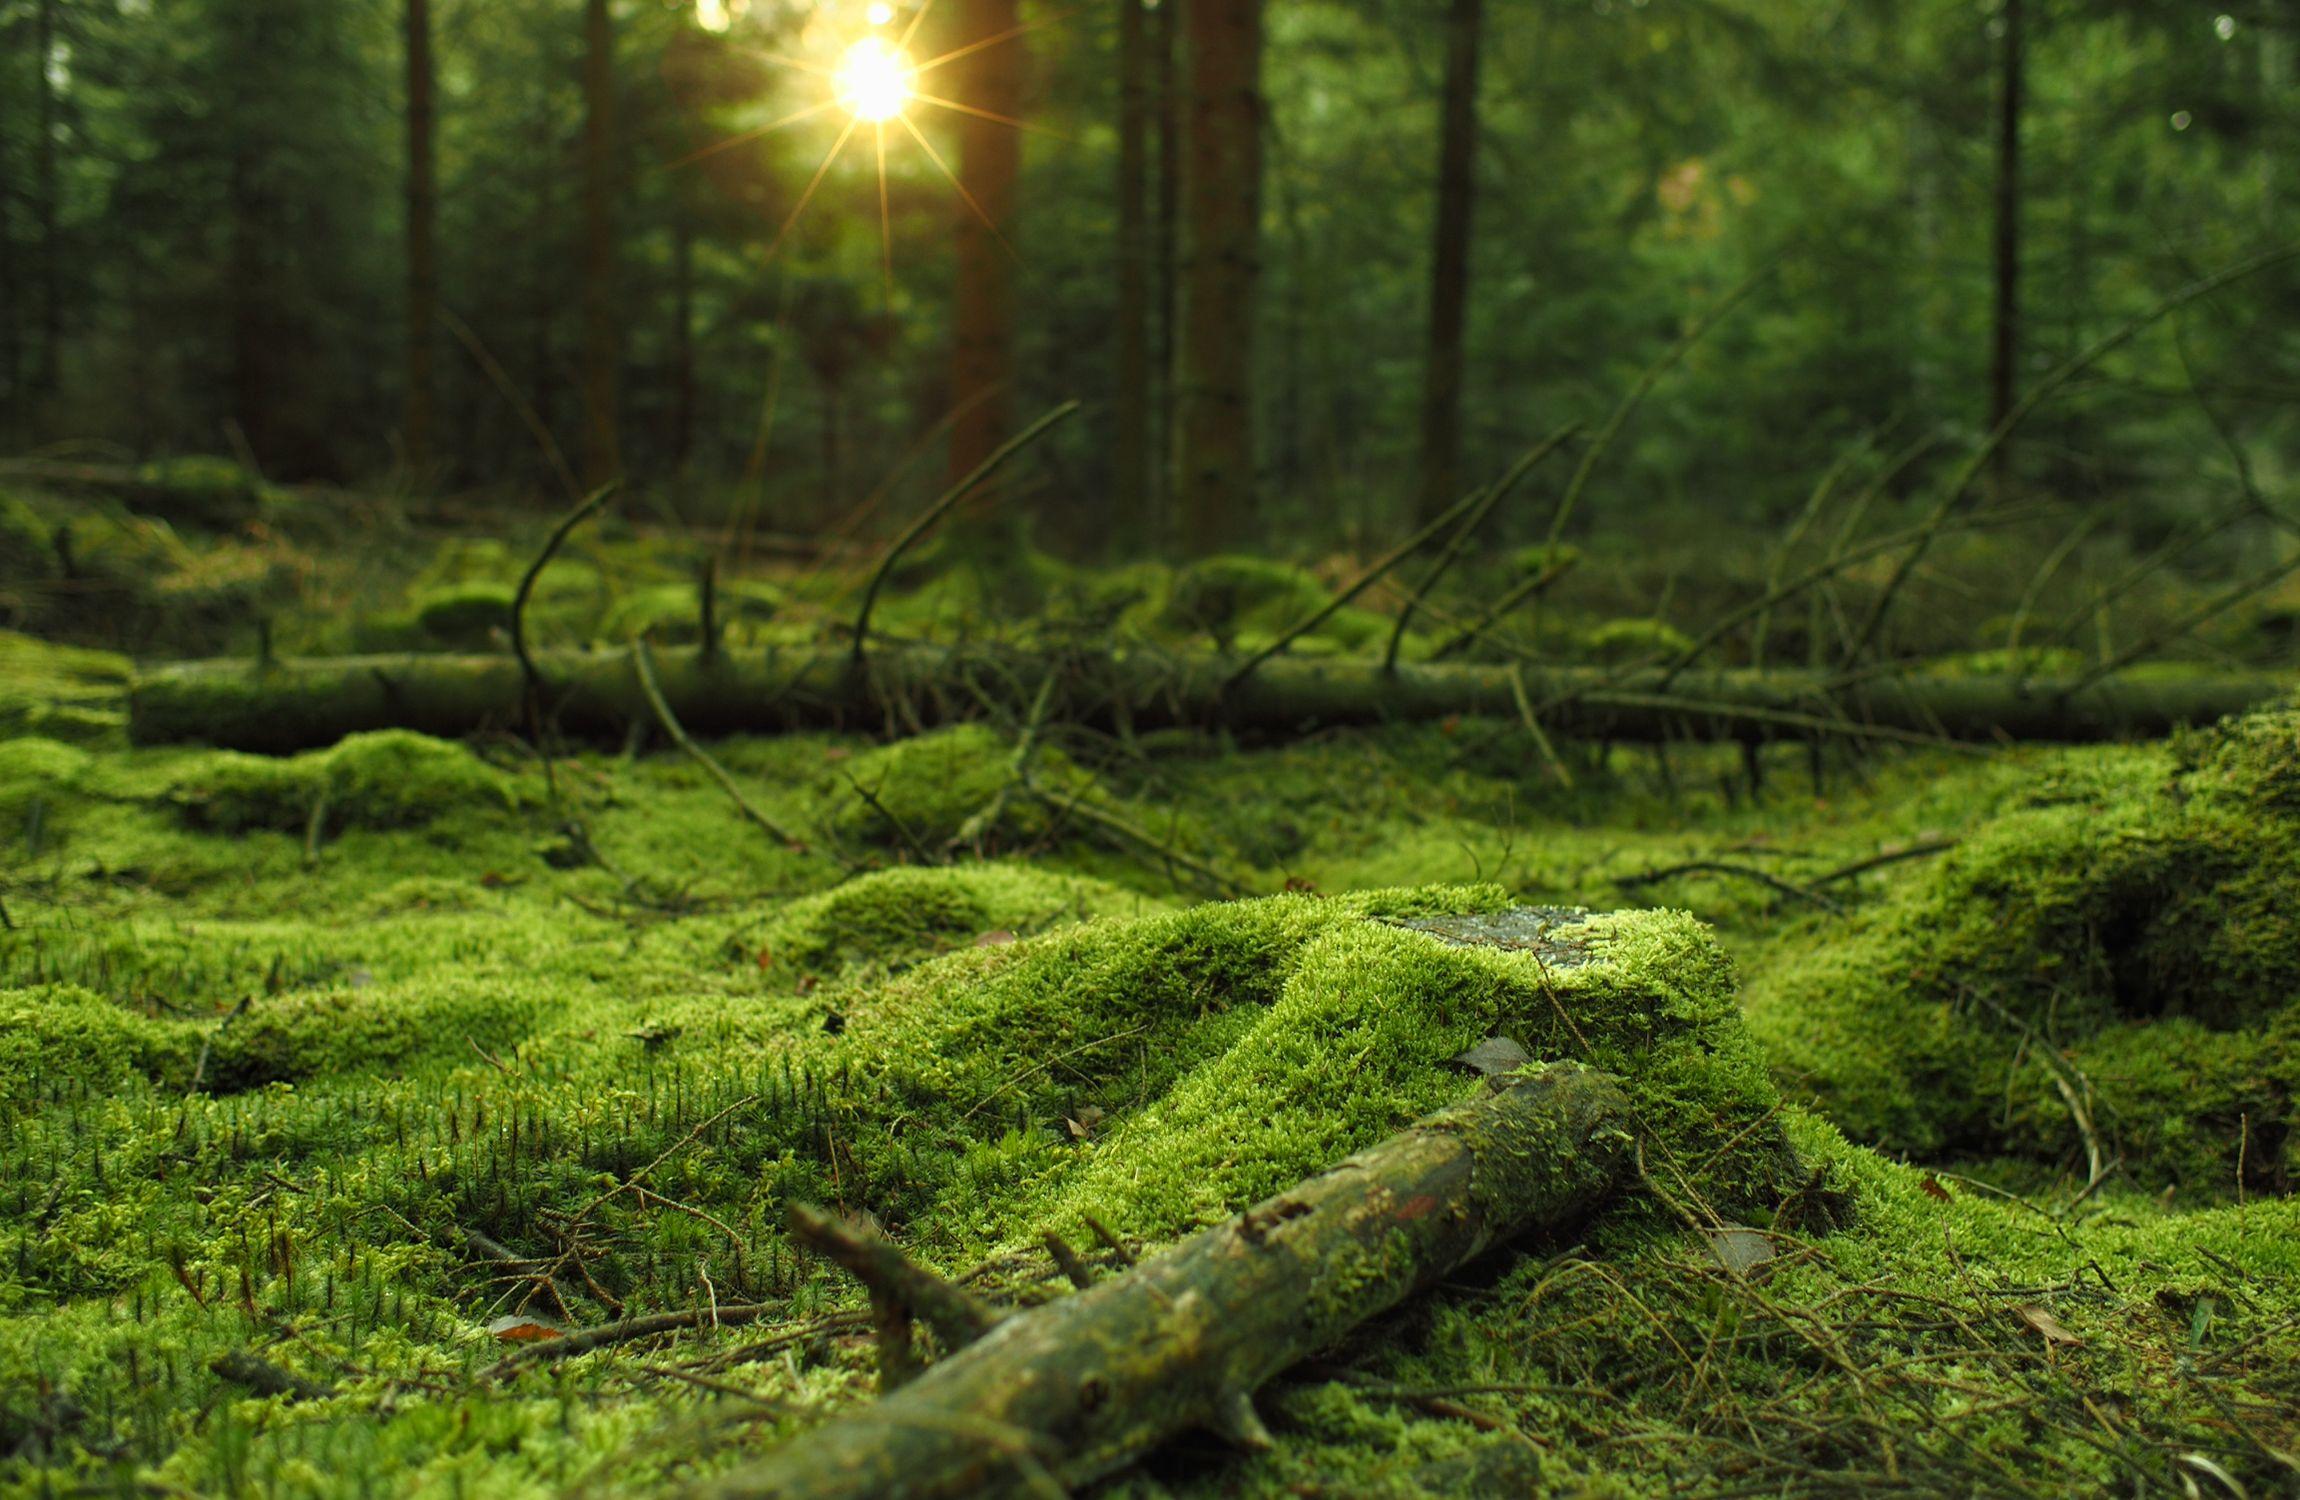 Mossy Forest Hd Wallpaper Martin Wallgren Jpg 2300 1500 Green Wall Art Night Sky Wallpaper Green Wall